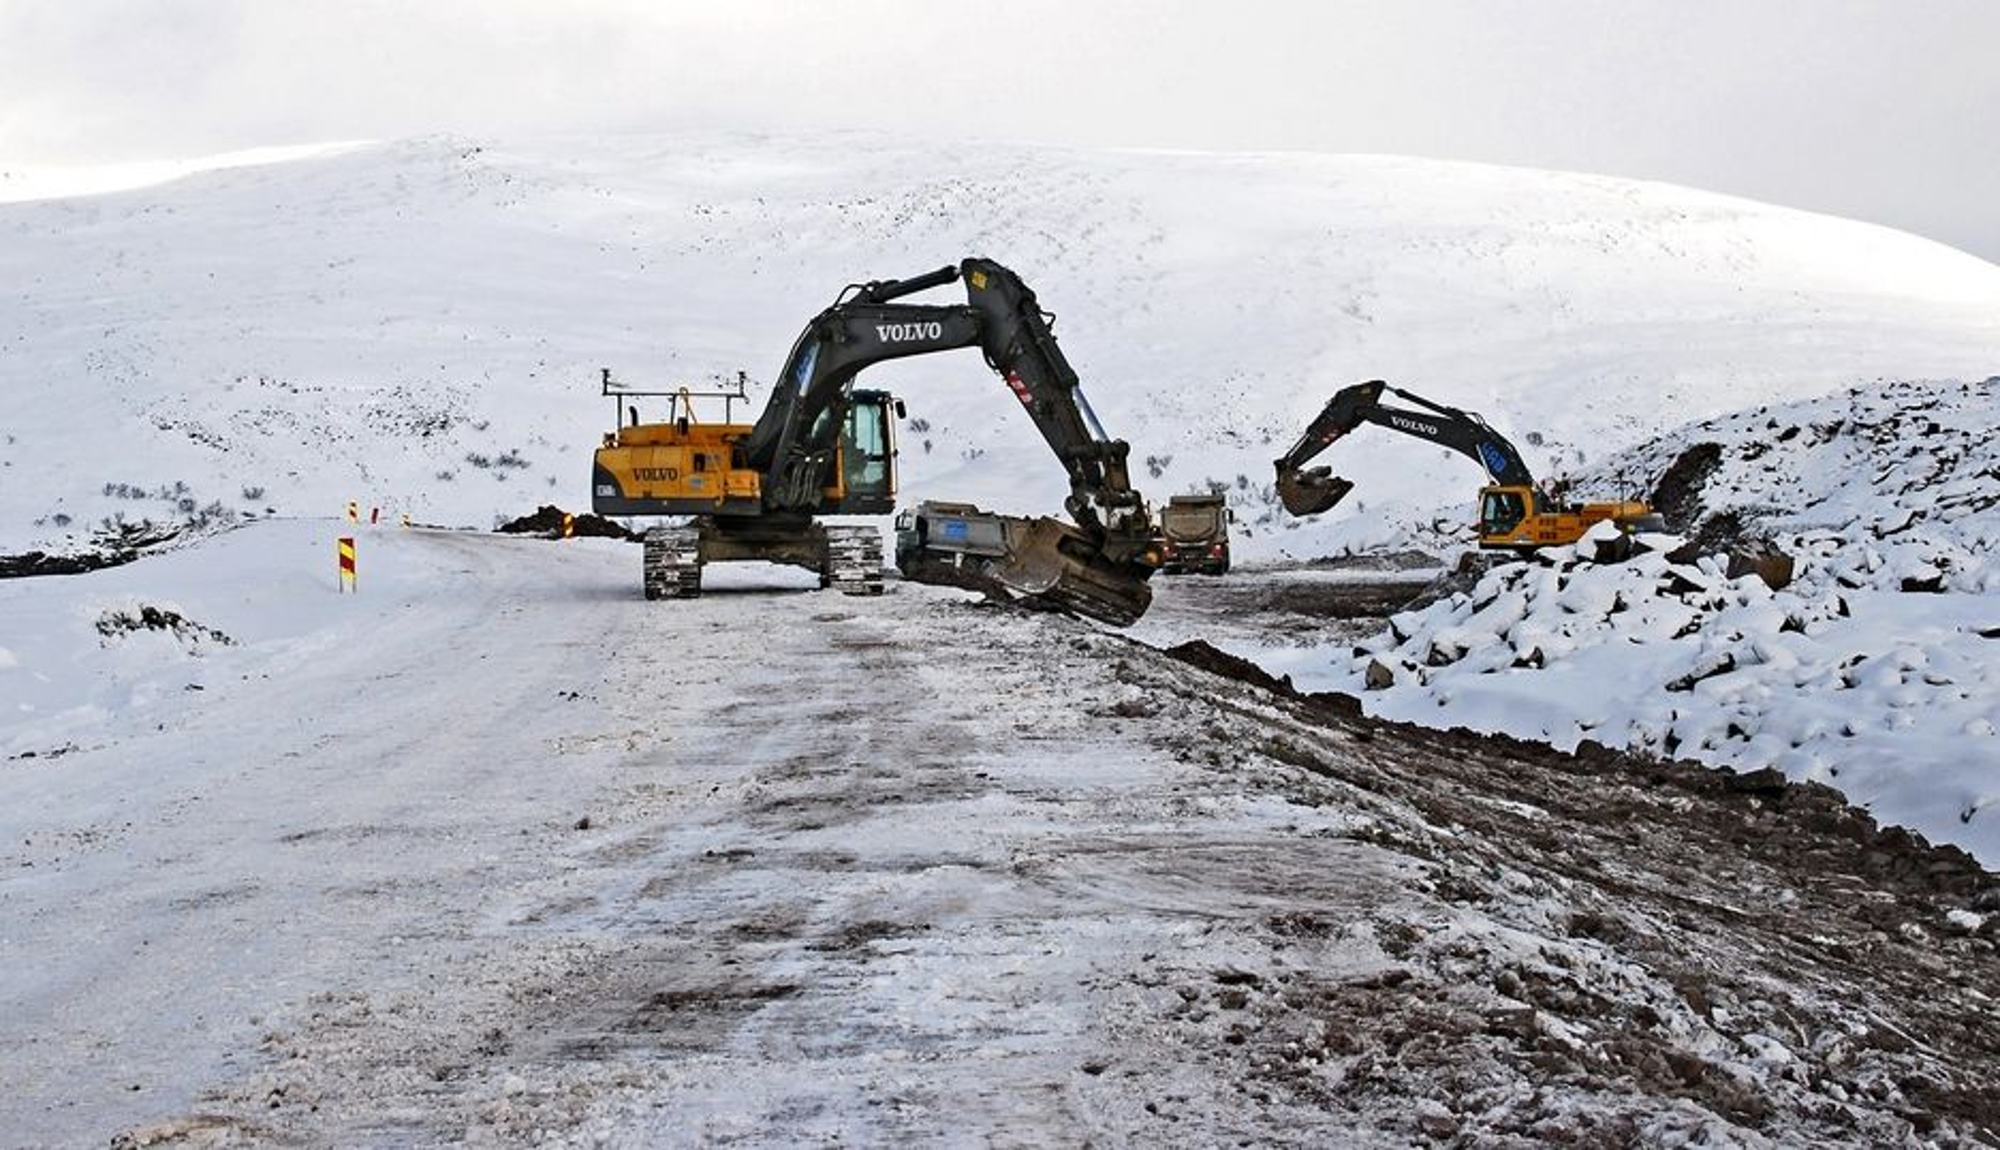 HAB Construction utfører arbeid for bortimot 20 millioner kroner på Ifjordfjellet. Den som vil ha den neste jobben, må gi anbud innen 7. mai.